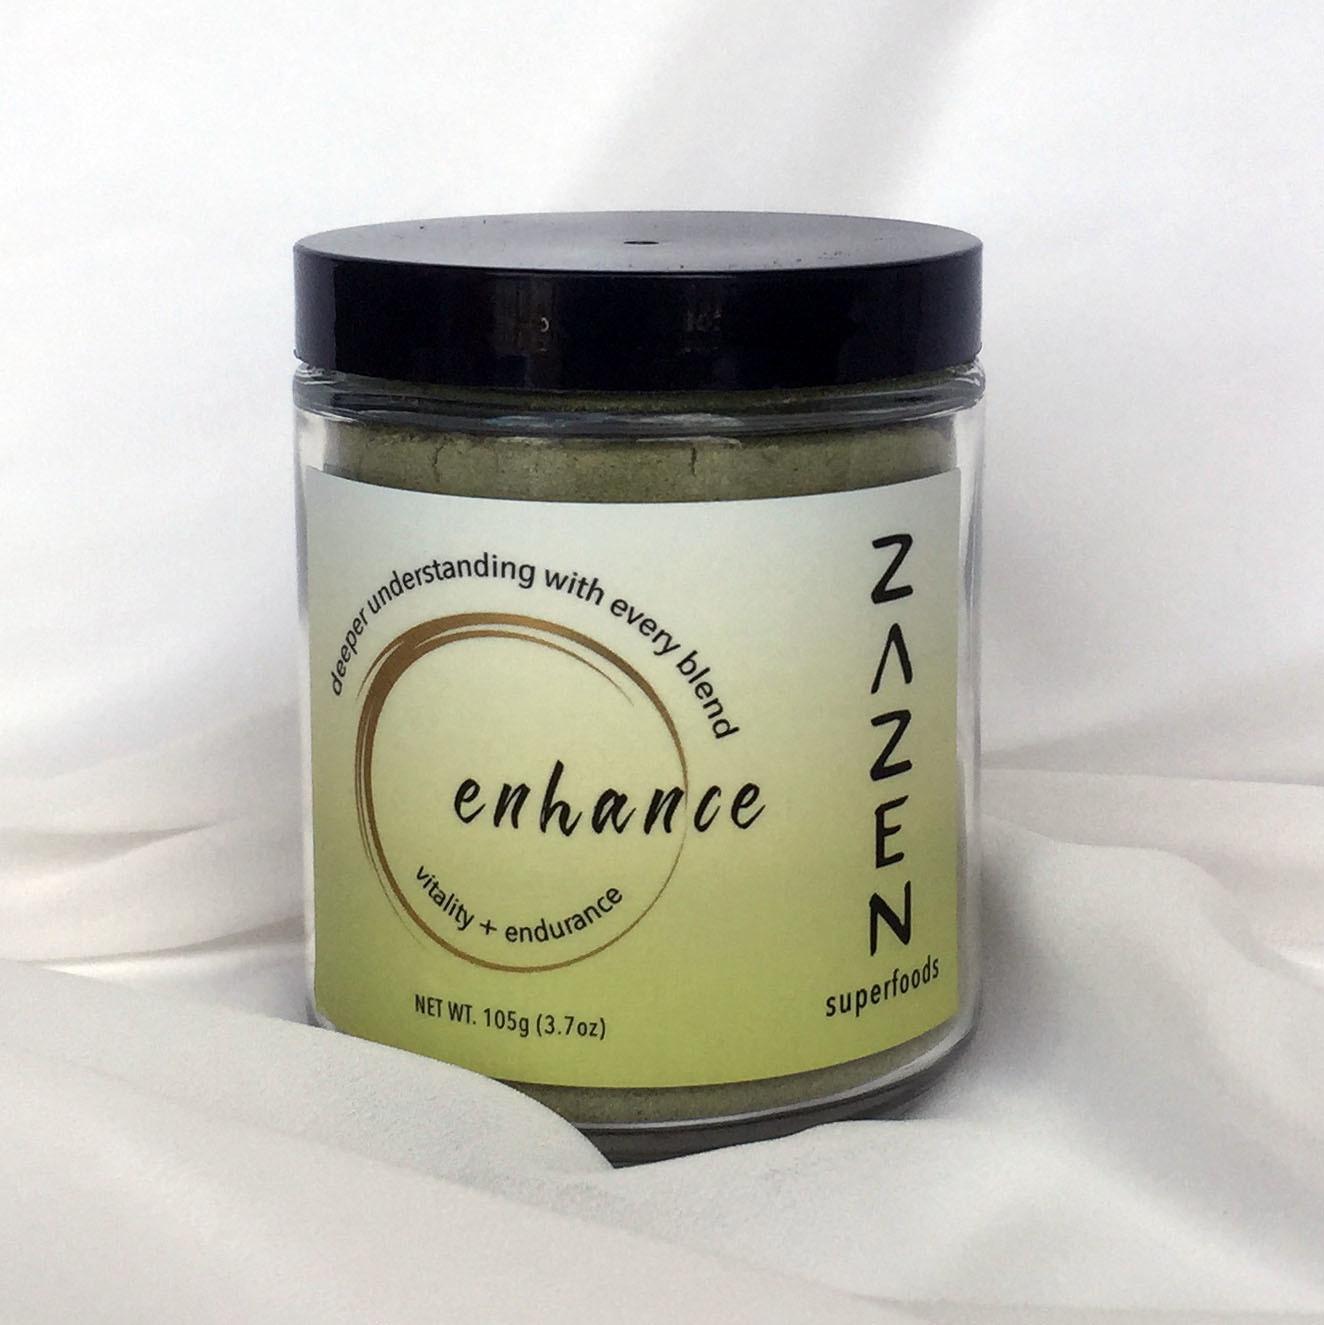 Zazen Super Blend: Enhance